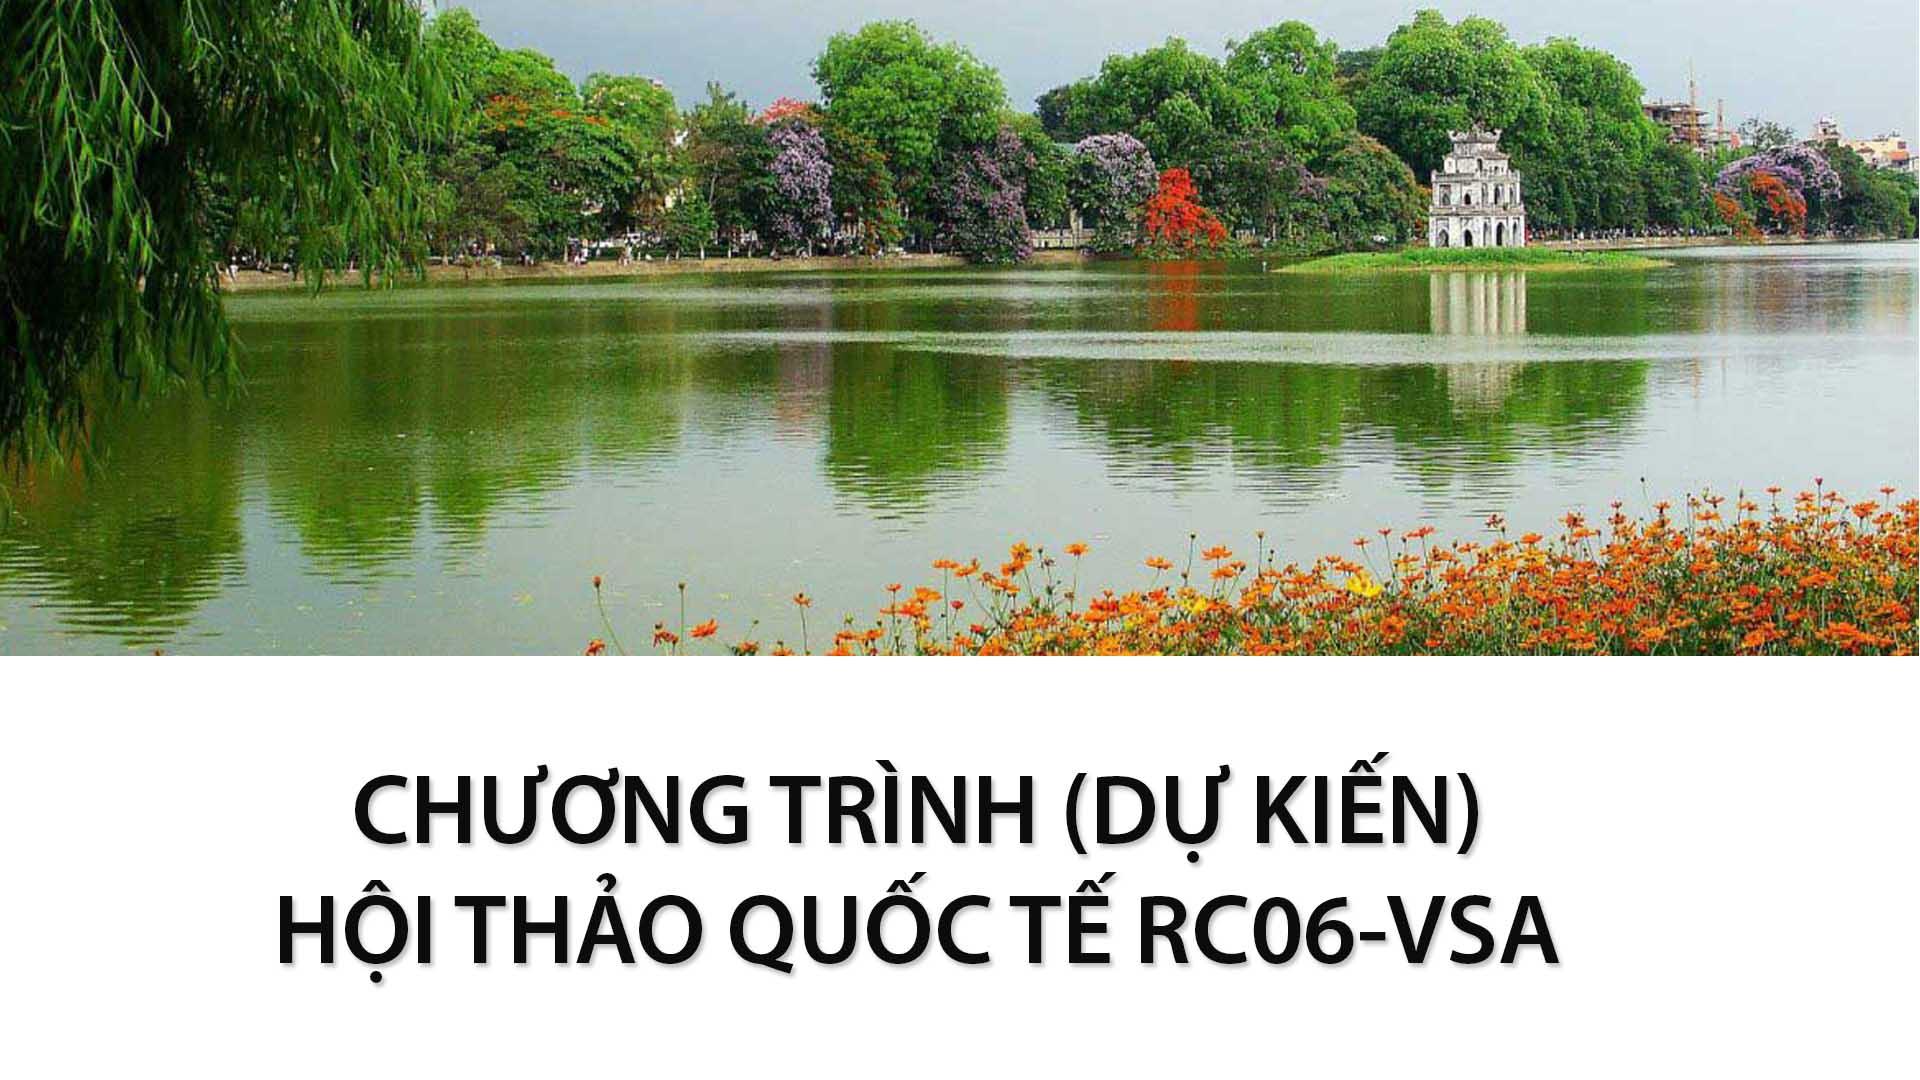 CHƯƠNG TRÌNH (DỰ KIẾN) - HỘI THẢO QUỐC TẾ RC06-VSA